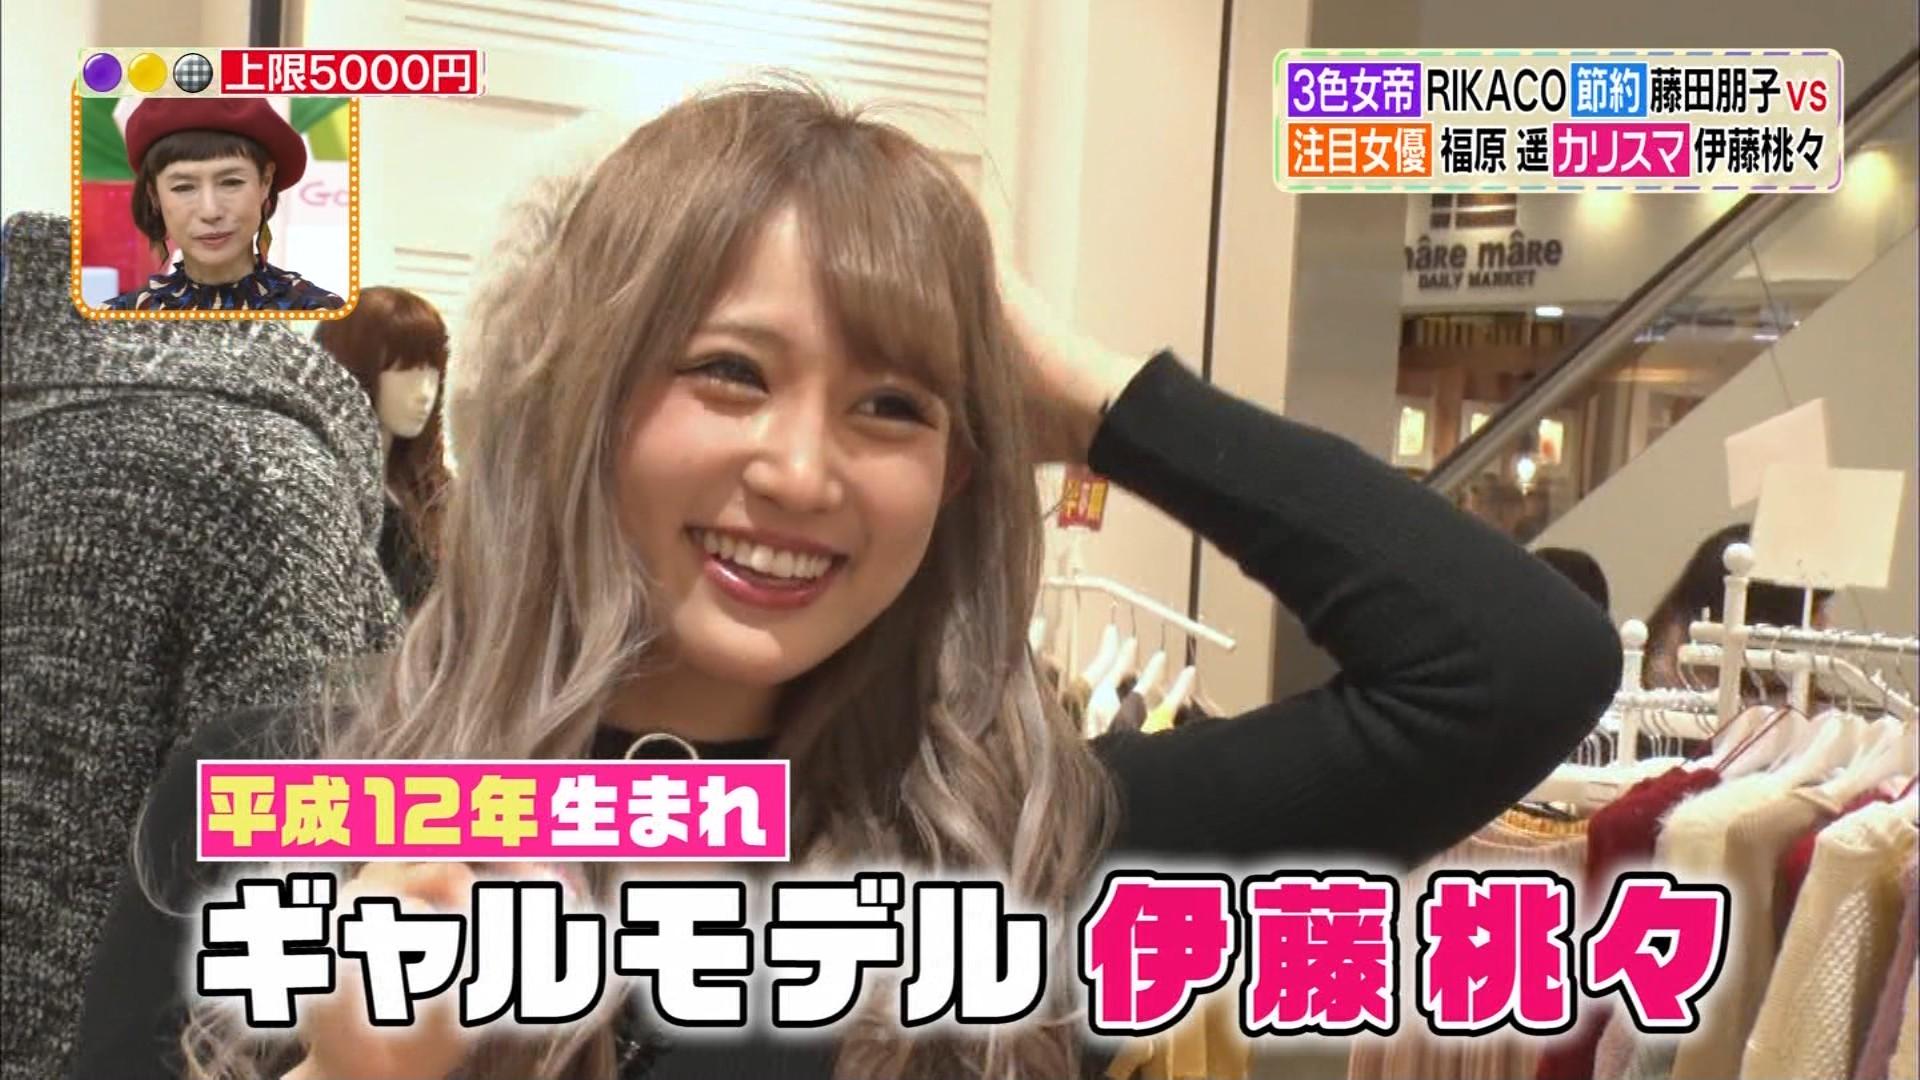 テレビに映った素人女性ってだけで抜けちゃうキャプ画像!!!!!!!!! 2007